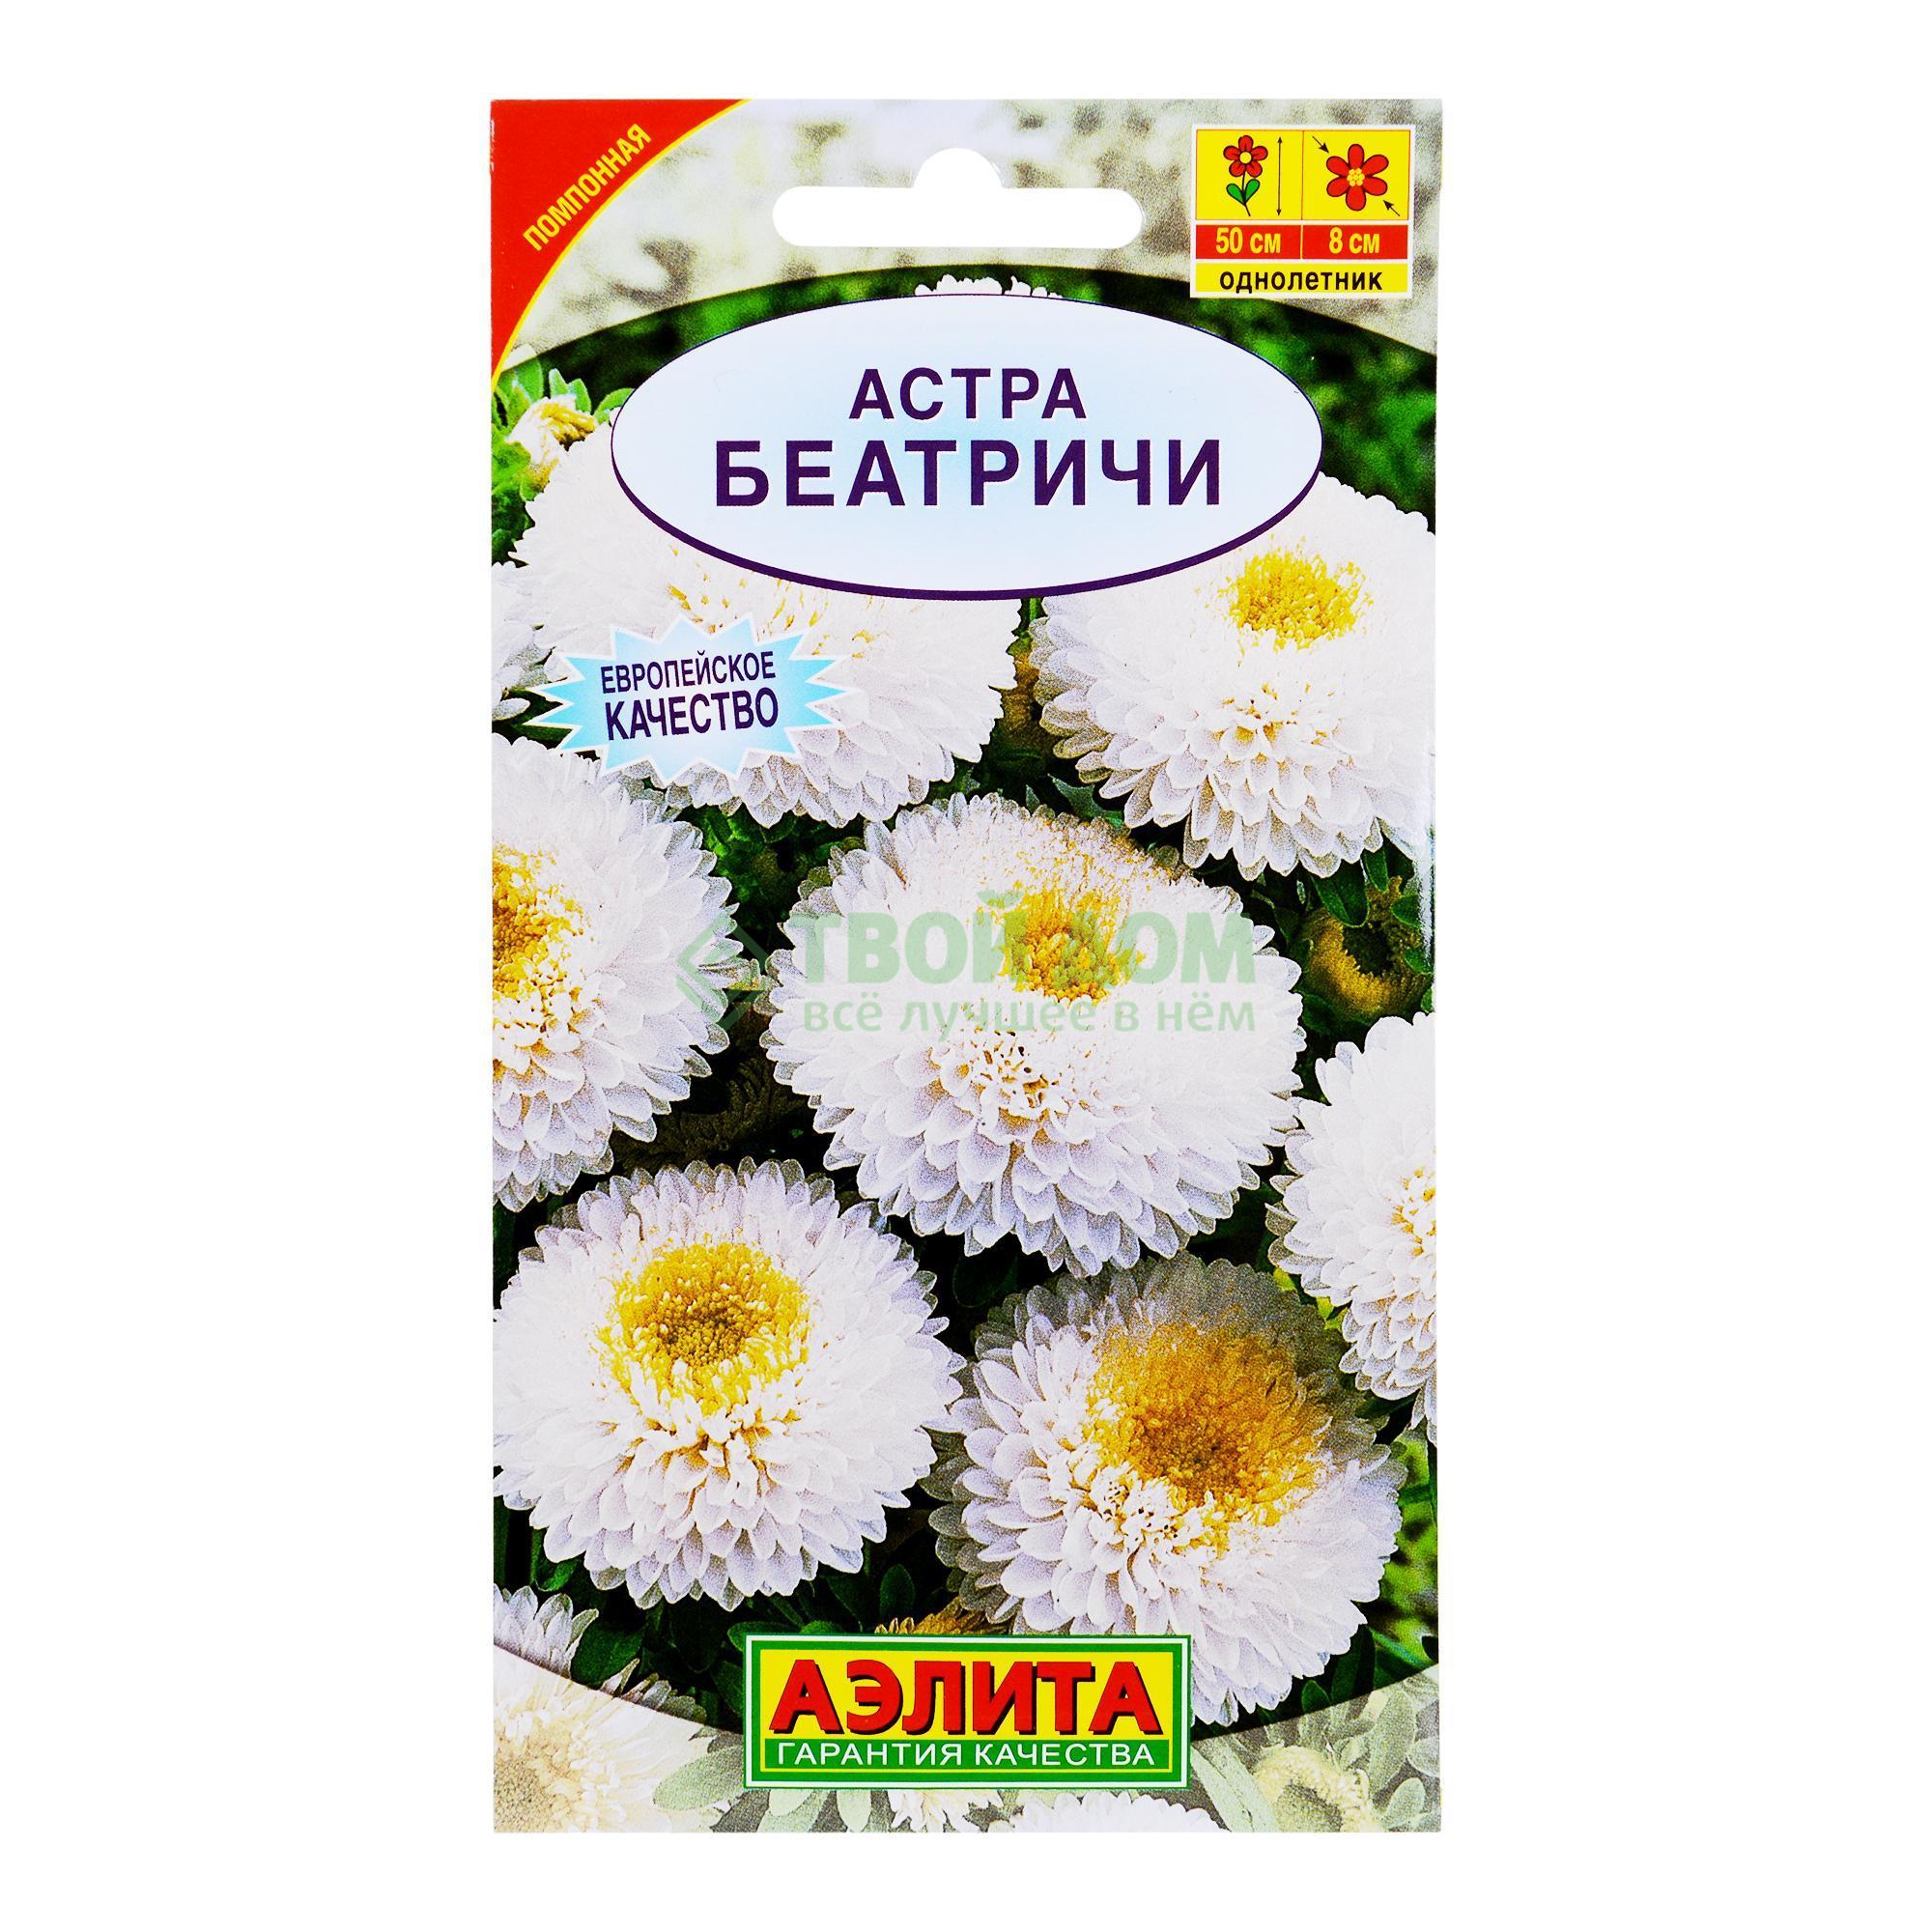 Аэлита Астра Беатричи фото